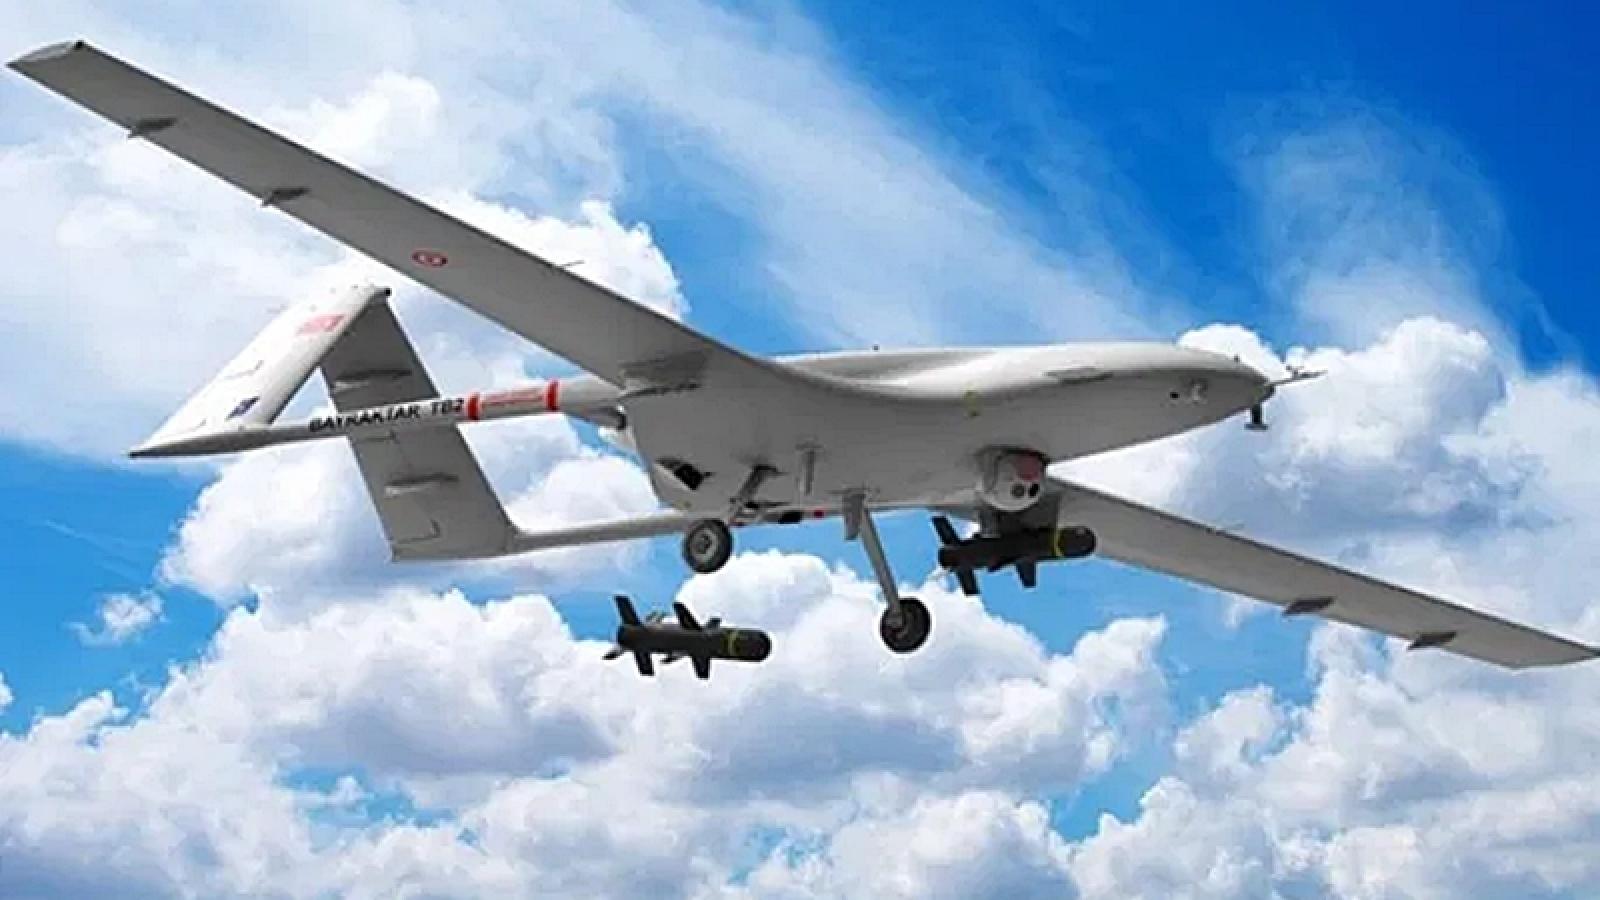 Azerbaijan chiếm ưu thế trong xung đột ở Karabakh nhờ UAV